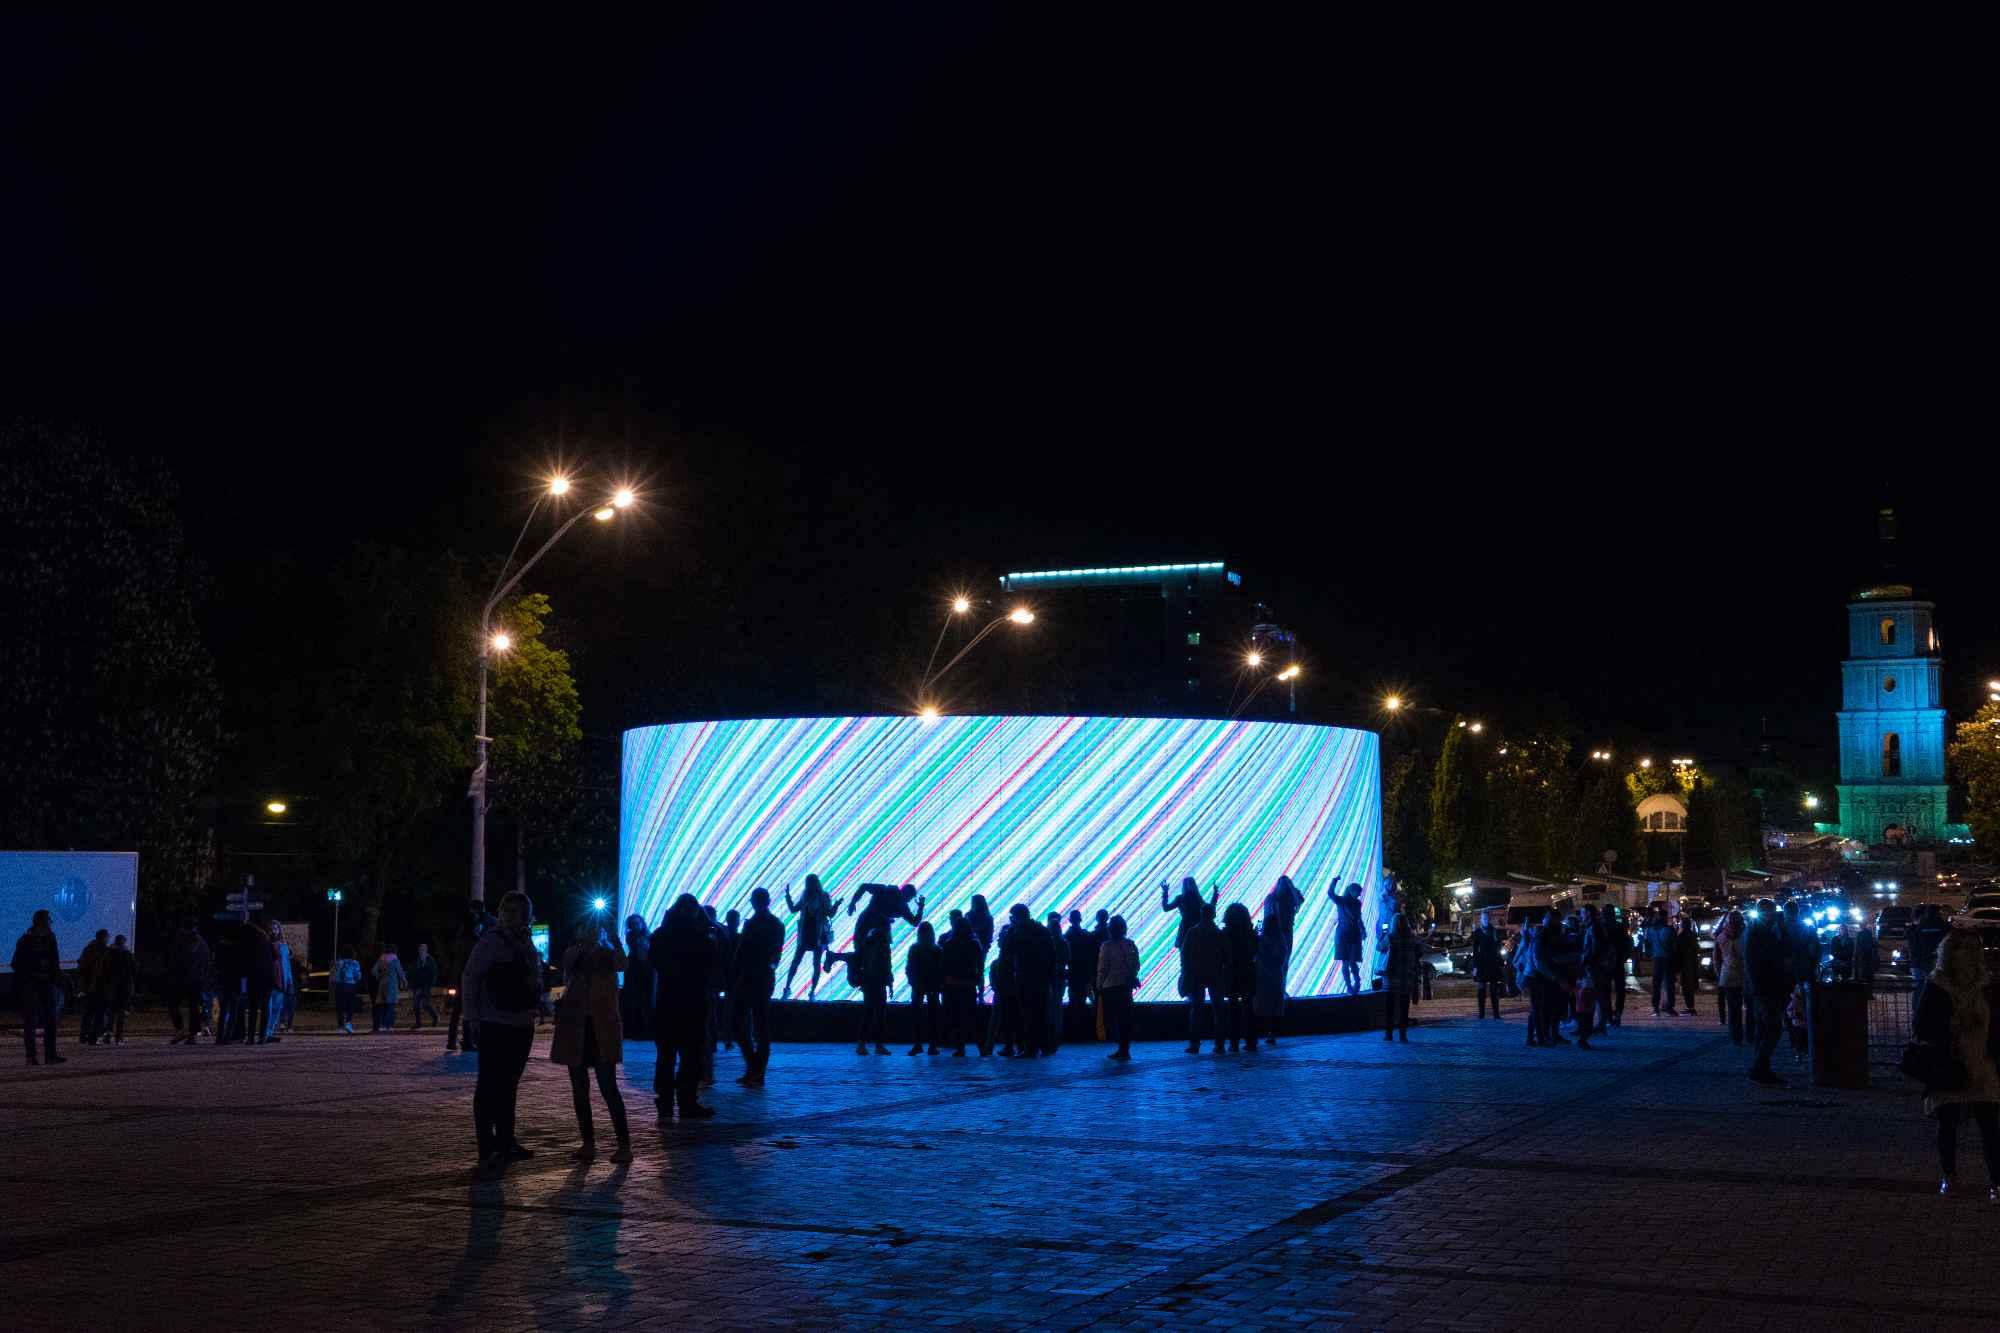 Оголошуємо переможців конкурсу світлових інсталяцій Kyiv Lights Art Prize 2018